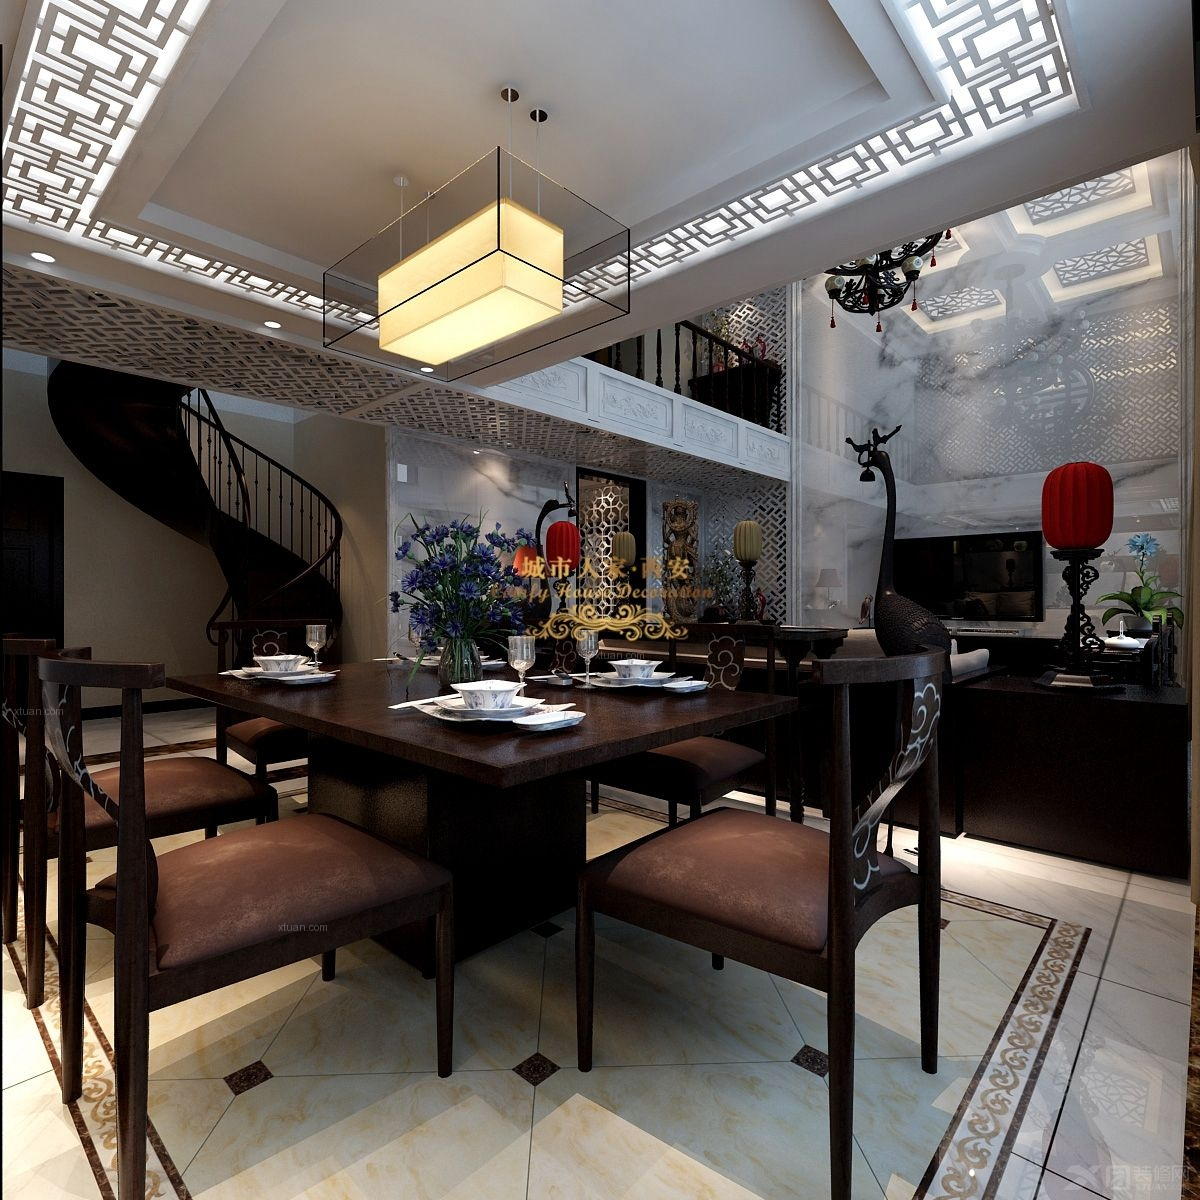 跃层中式风格餐厅电视背景墙_国色天香图片